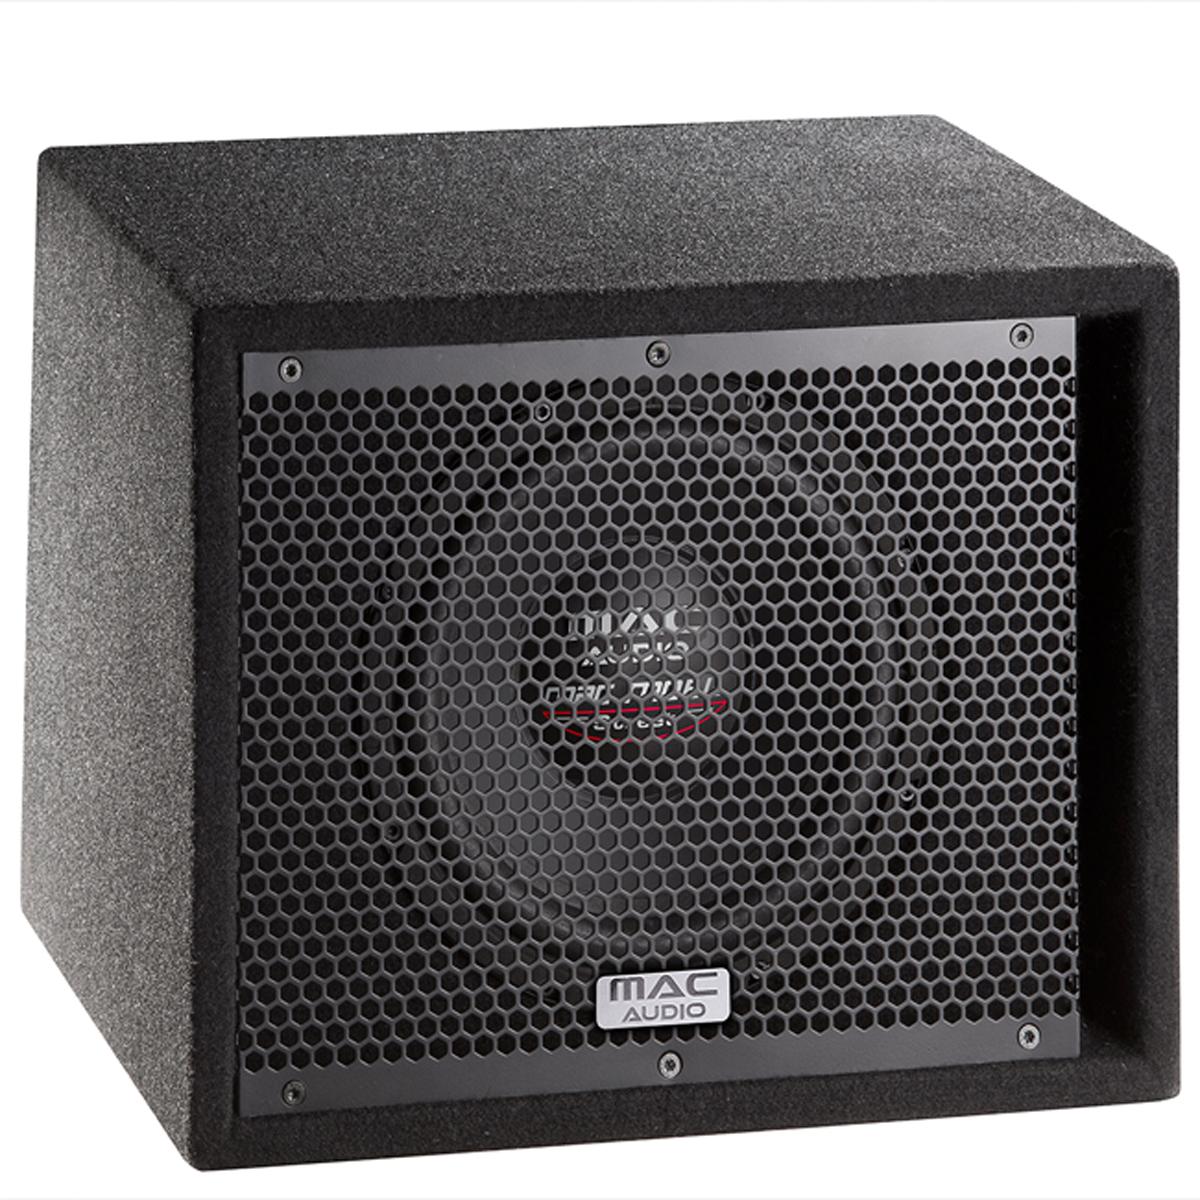 Mac Audio 8tum aktiv baslåda